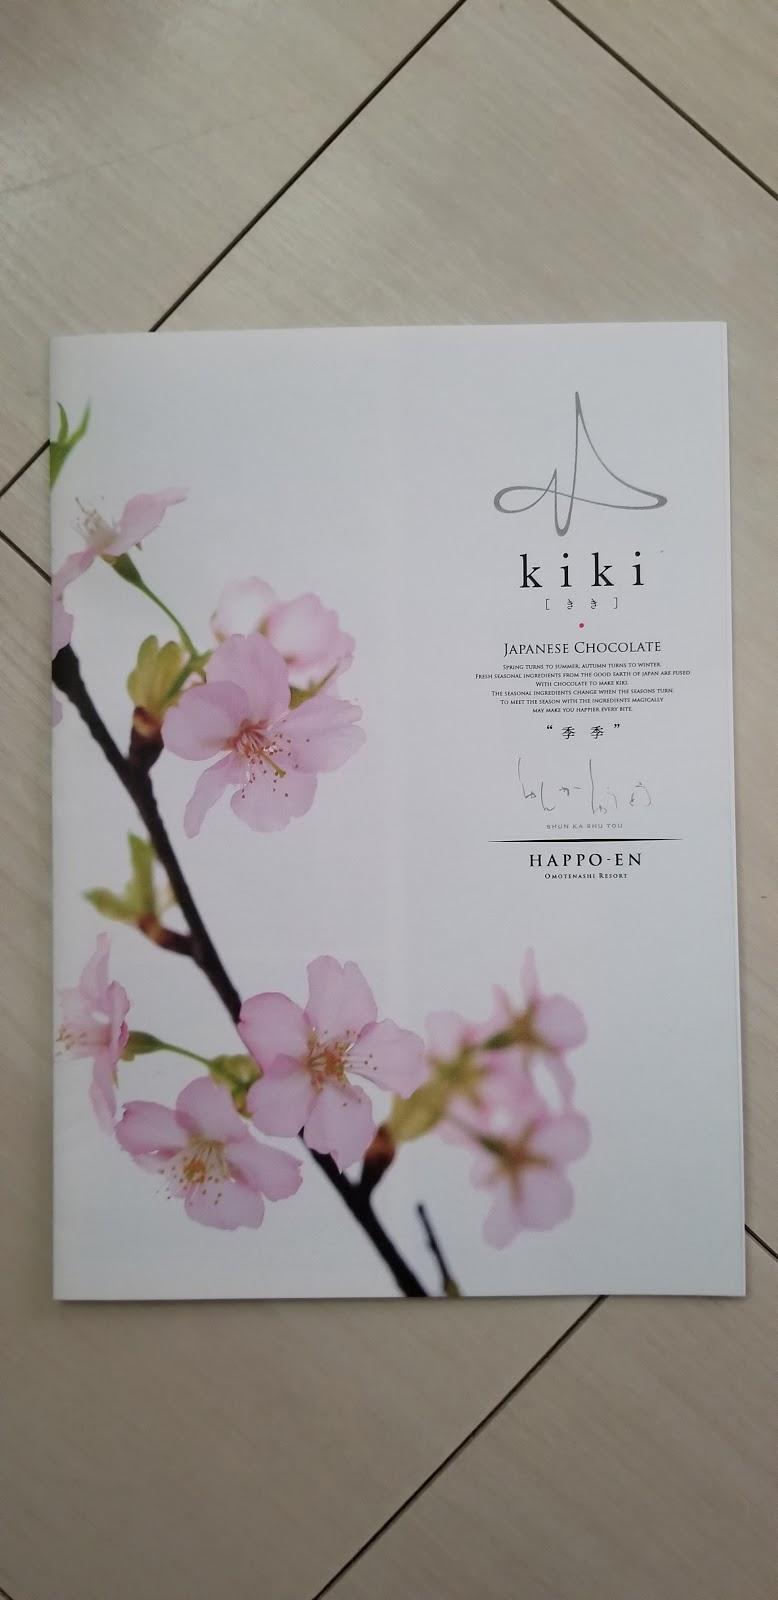 しゅんかしゅうとう kiki-季季-